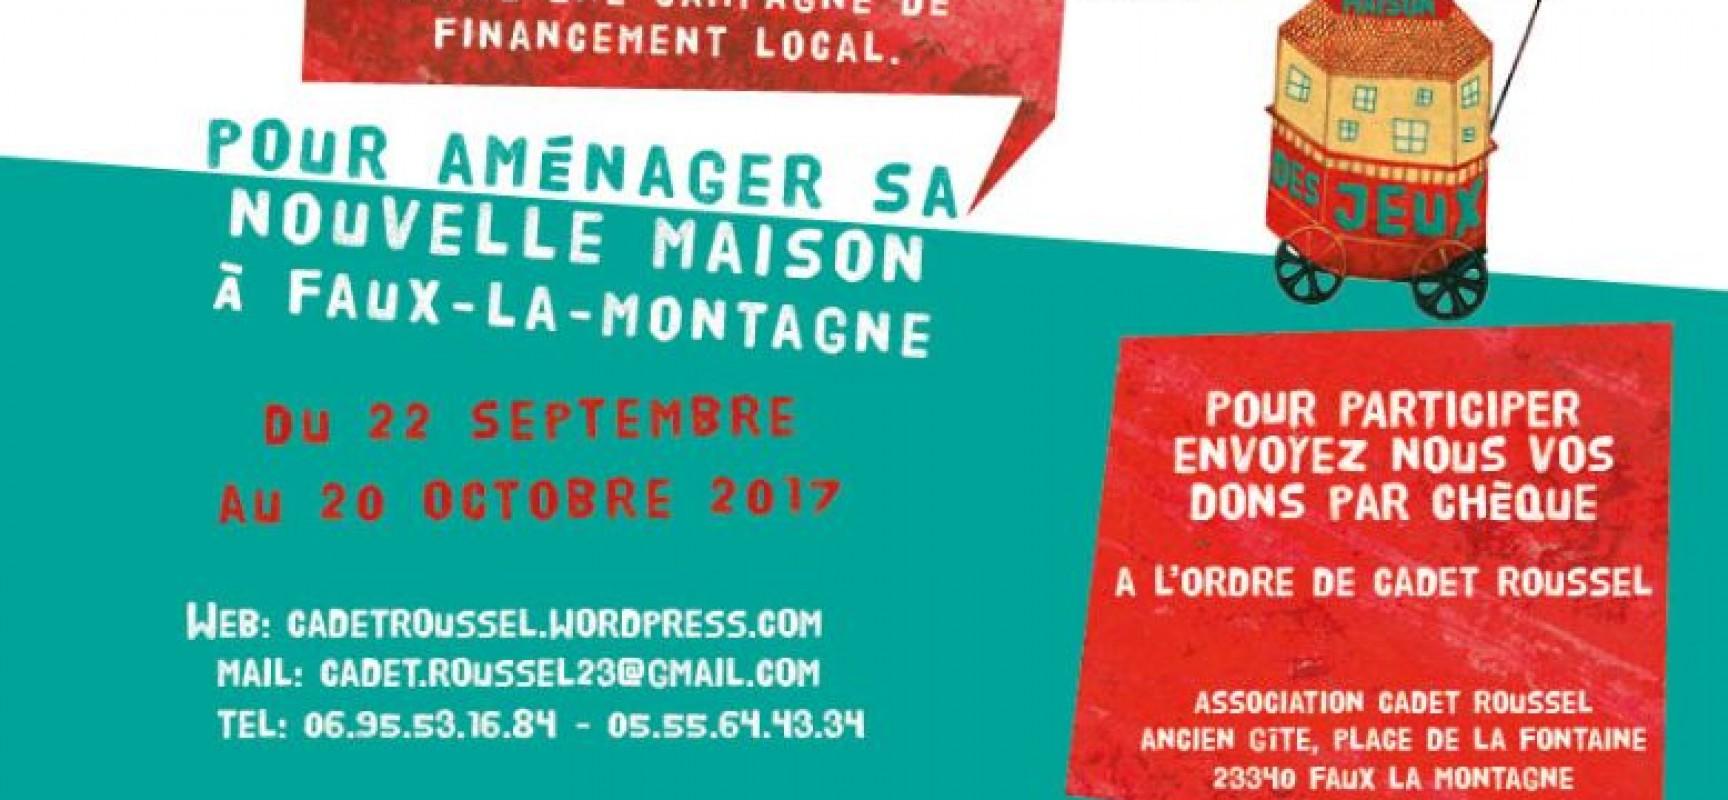 Lancement de la campagne de financement local de Cadet Roussel